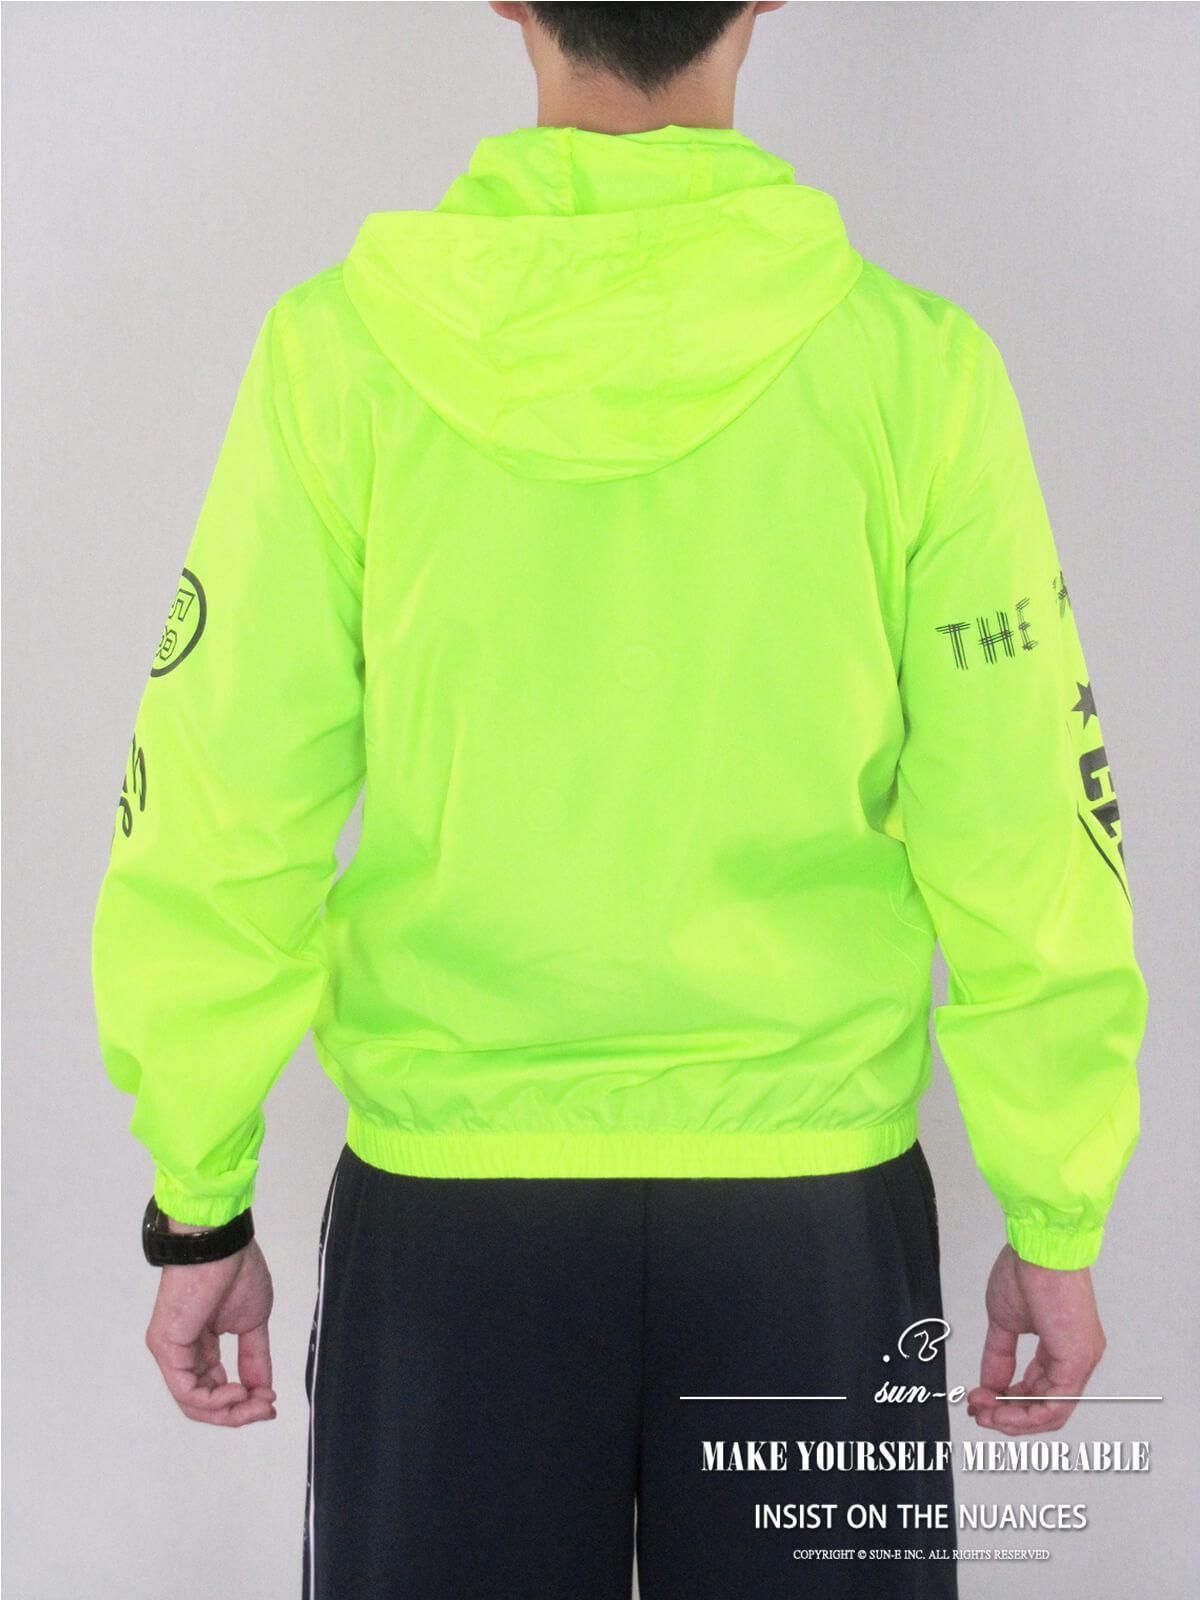 配色薄外套 遮陽防曬休閒外套 防風外套 運動暖身外套 風衣外套 JACKET (321-8878-01)螢光綠、(321-8878-02)深藍色、(321-8878-03)黑色 M L XL 2L(胸圍44~50英吋) [實體店面保障] sun-e 6